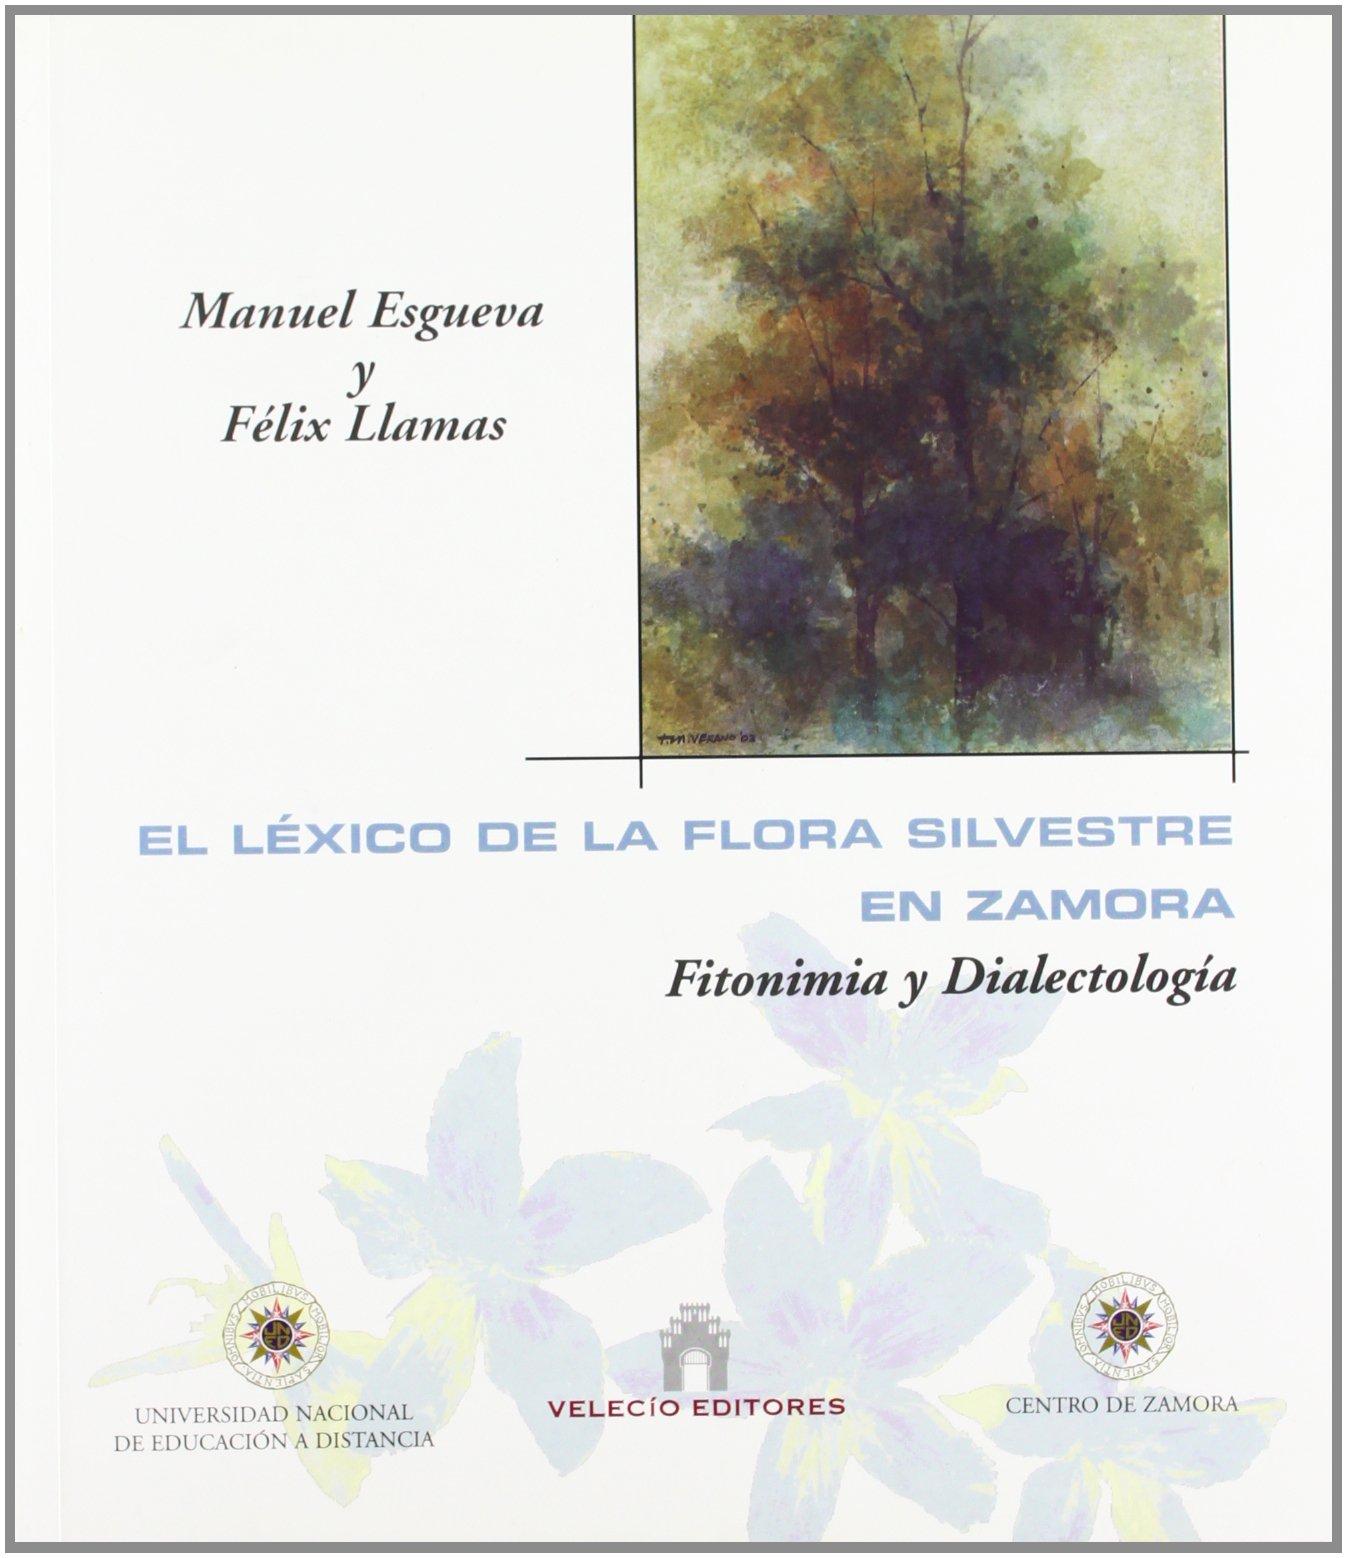 El léxico de la flora silvestre en Zamora. Fitonimia y Dialectología